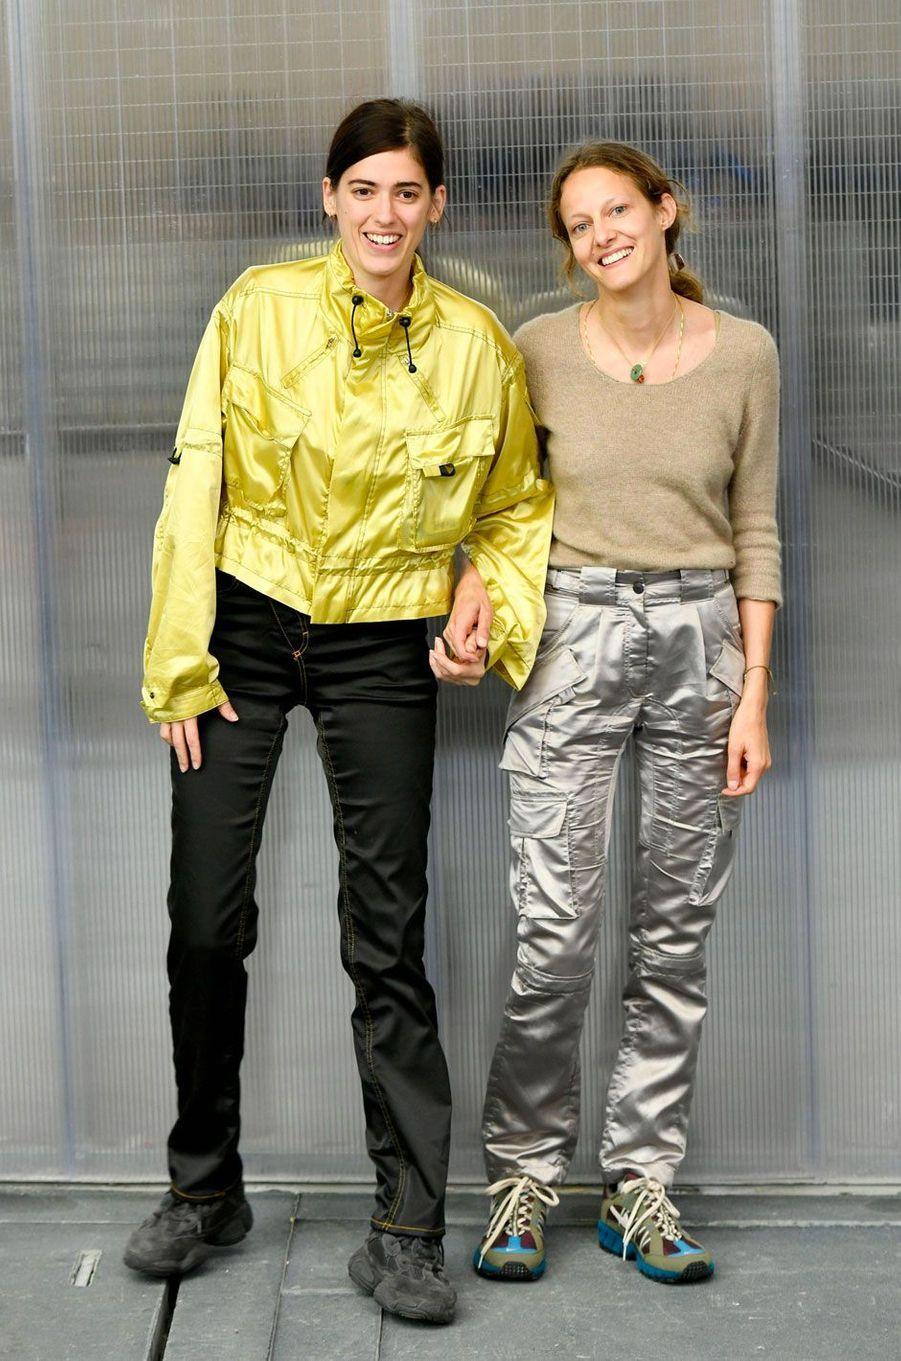 Christa Bösch et Cosima Gadient après le défilé Ottolinger printemps-été 2019